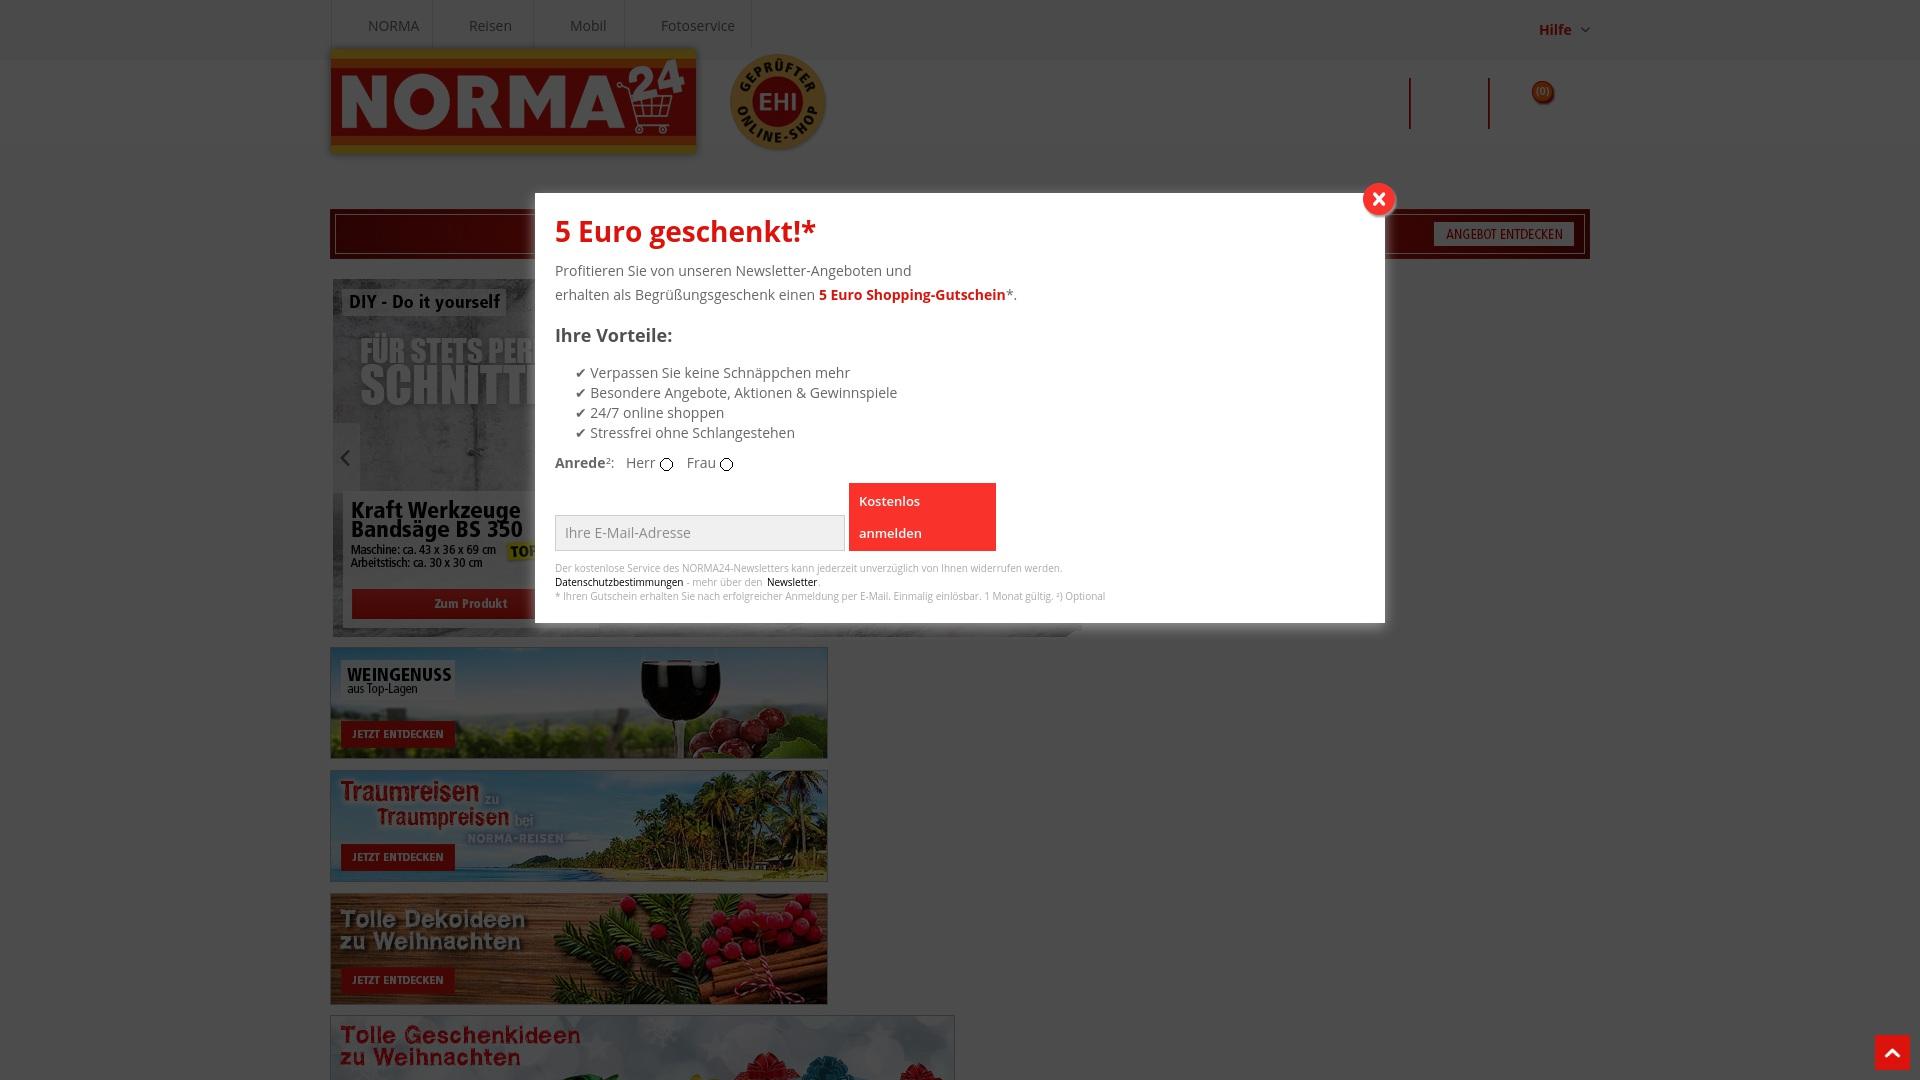 Gutschein für Norma24: Rabatte für  Norma24 sichern